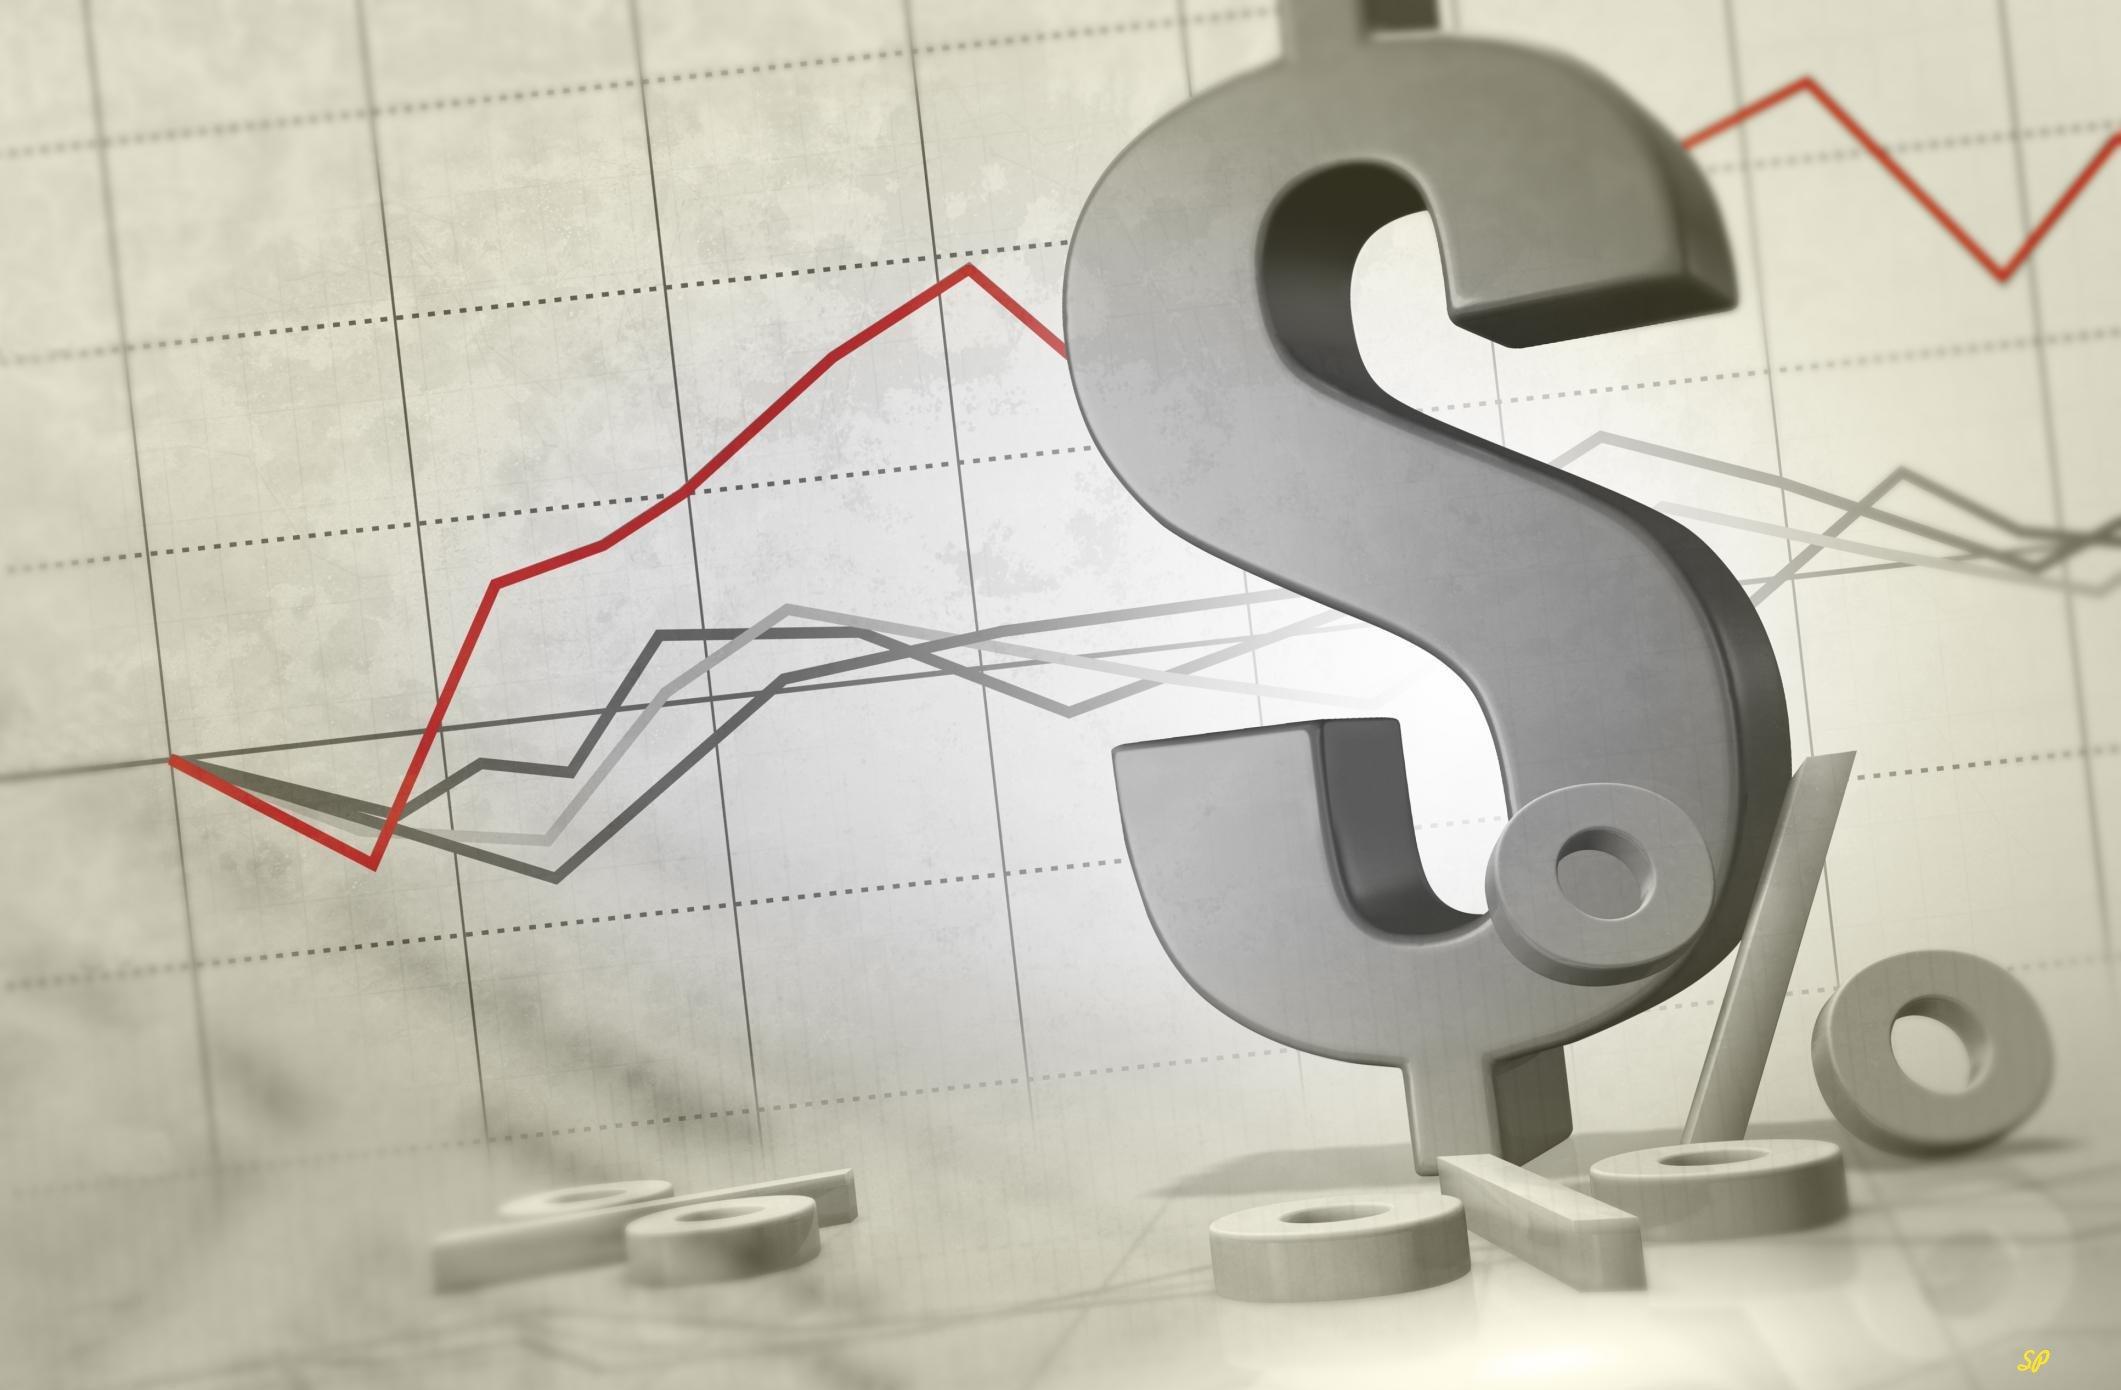 Значки доллара США и процента на фоне графика